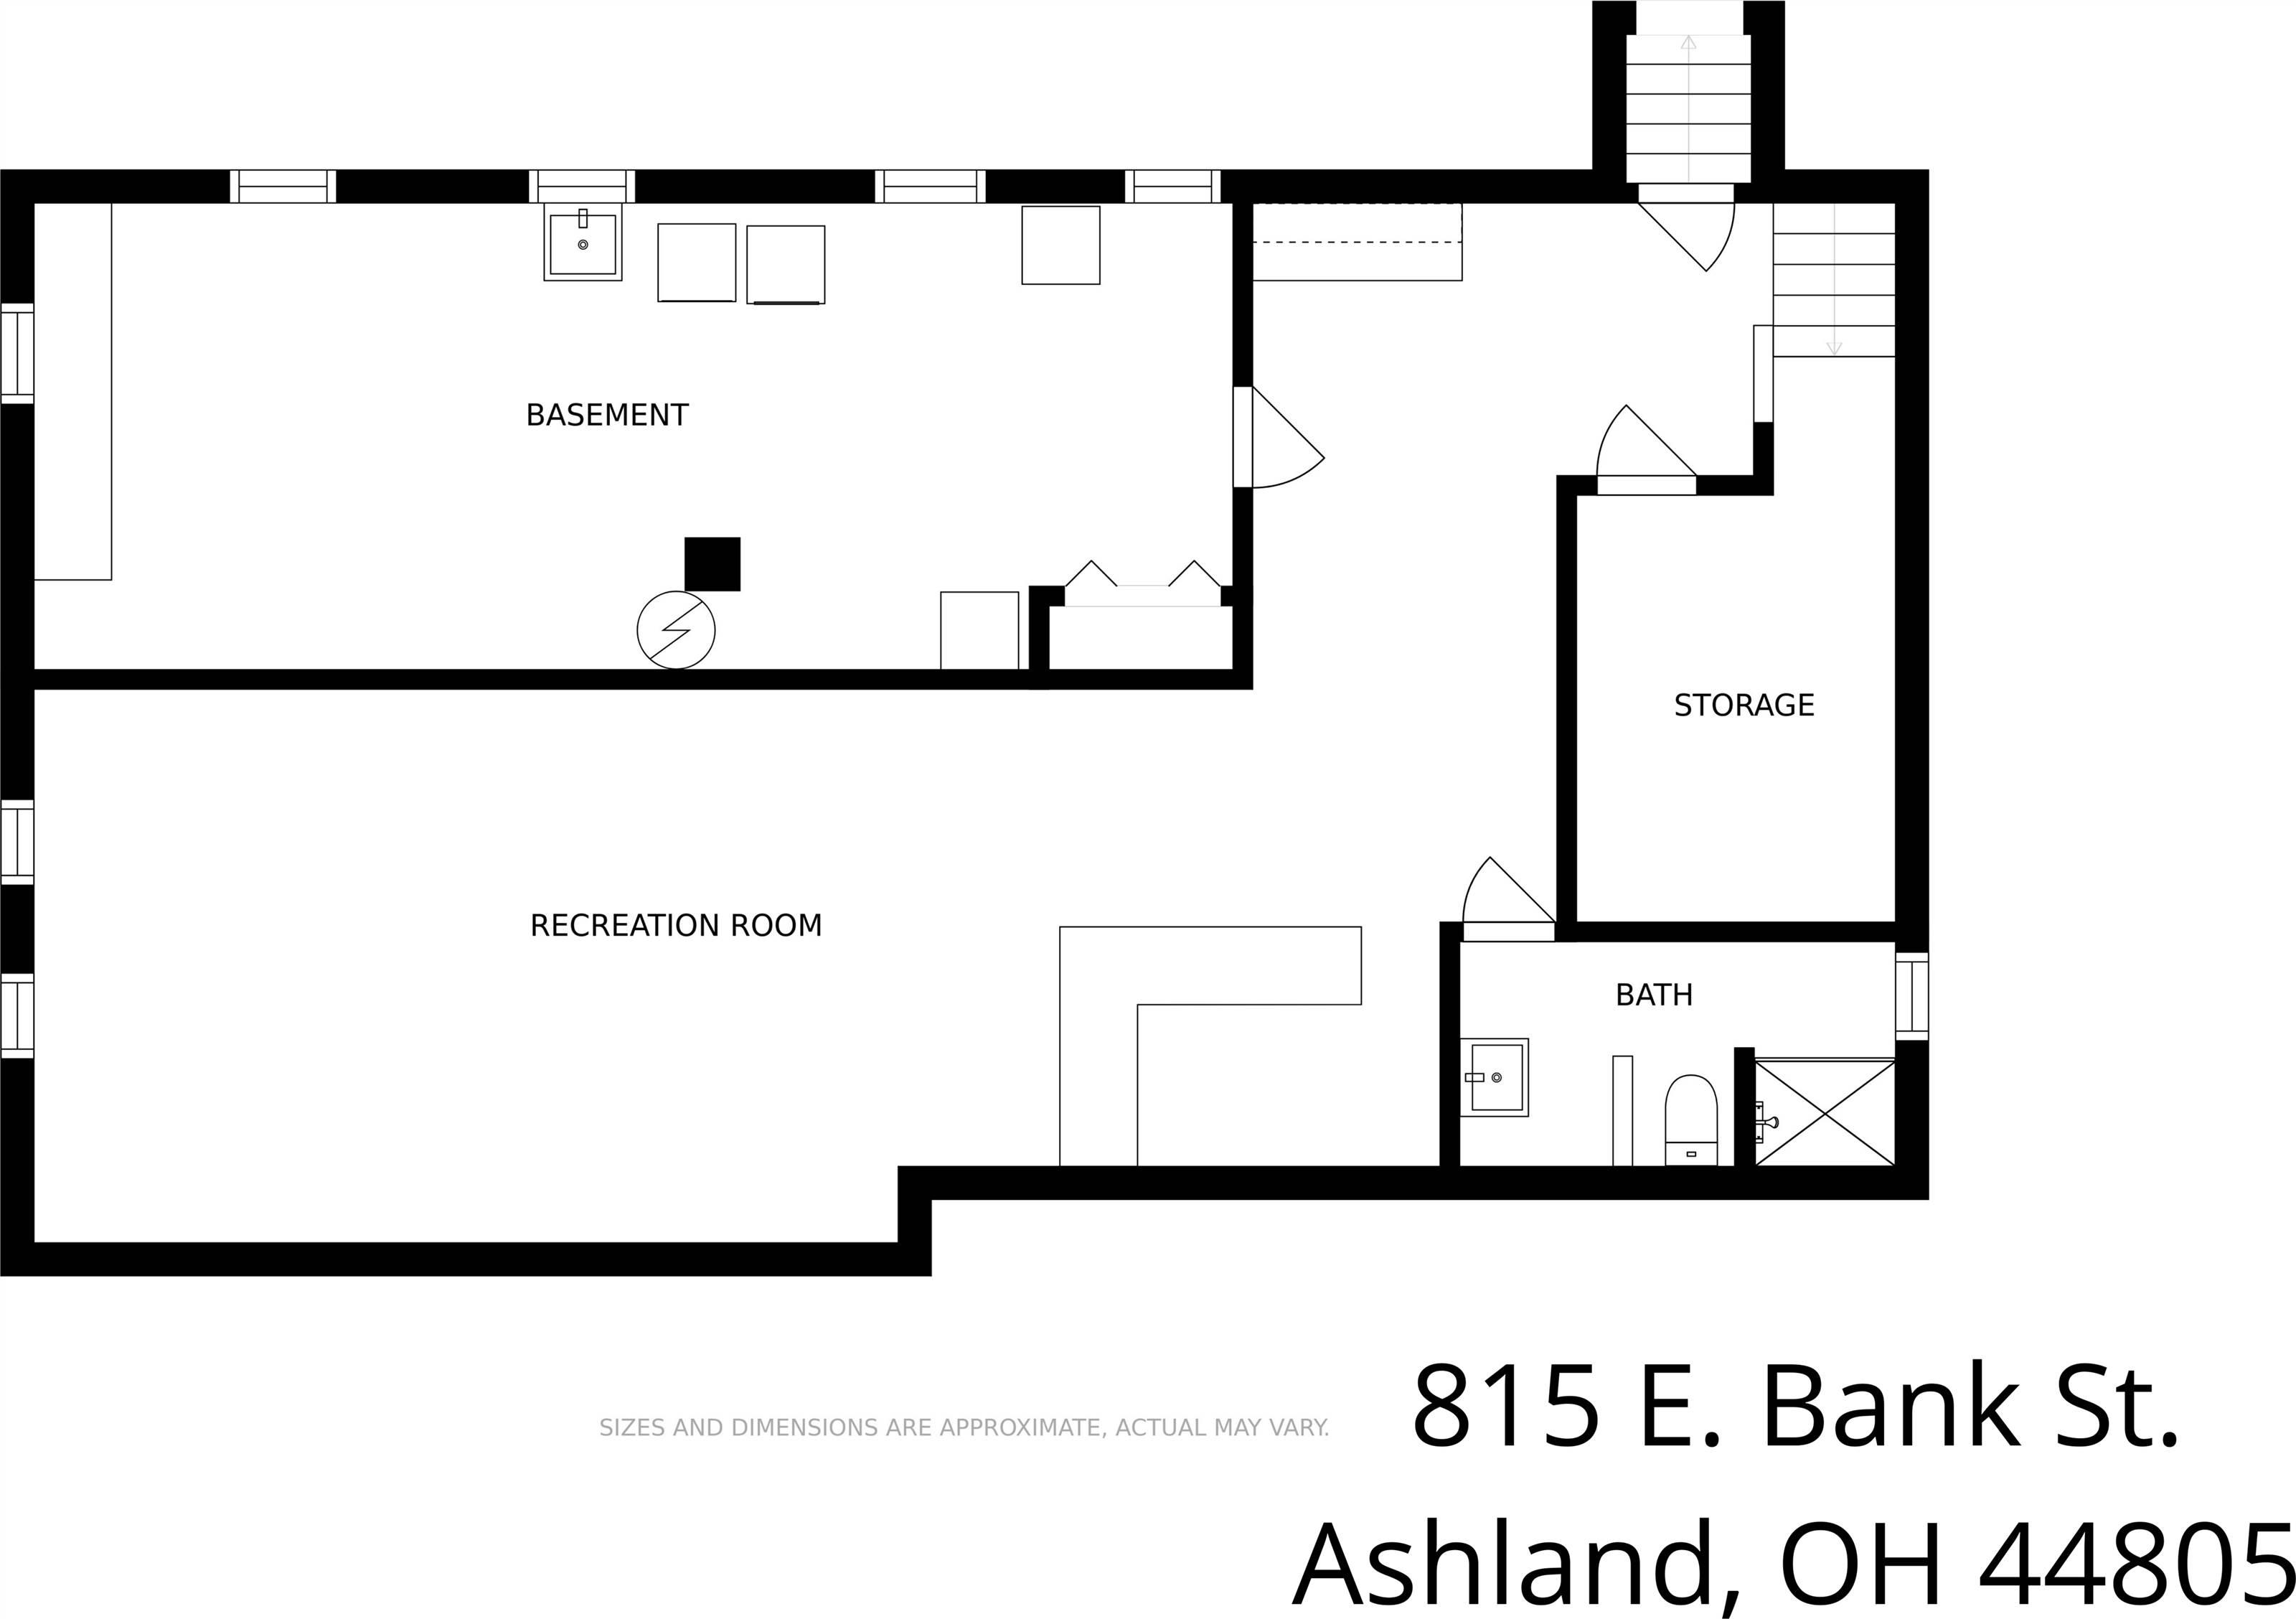 815 E. Bank St, Ashland, OH 44805